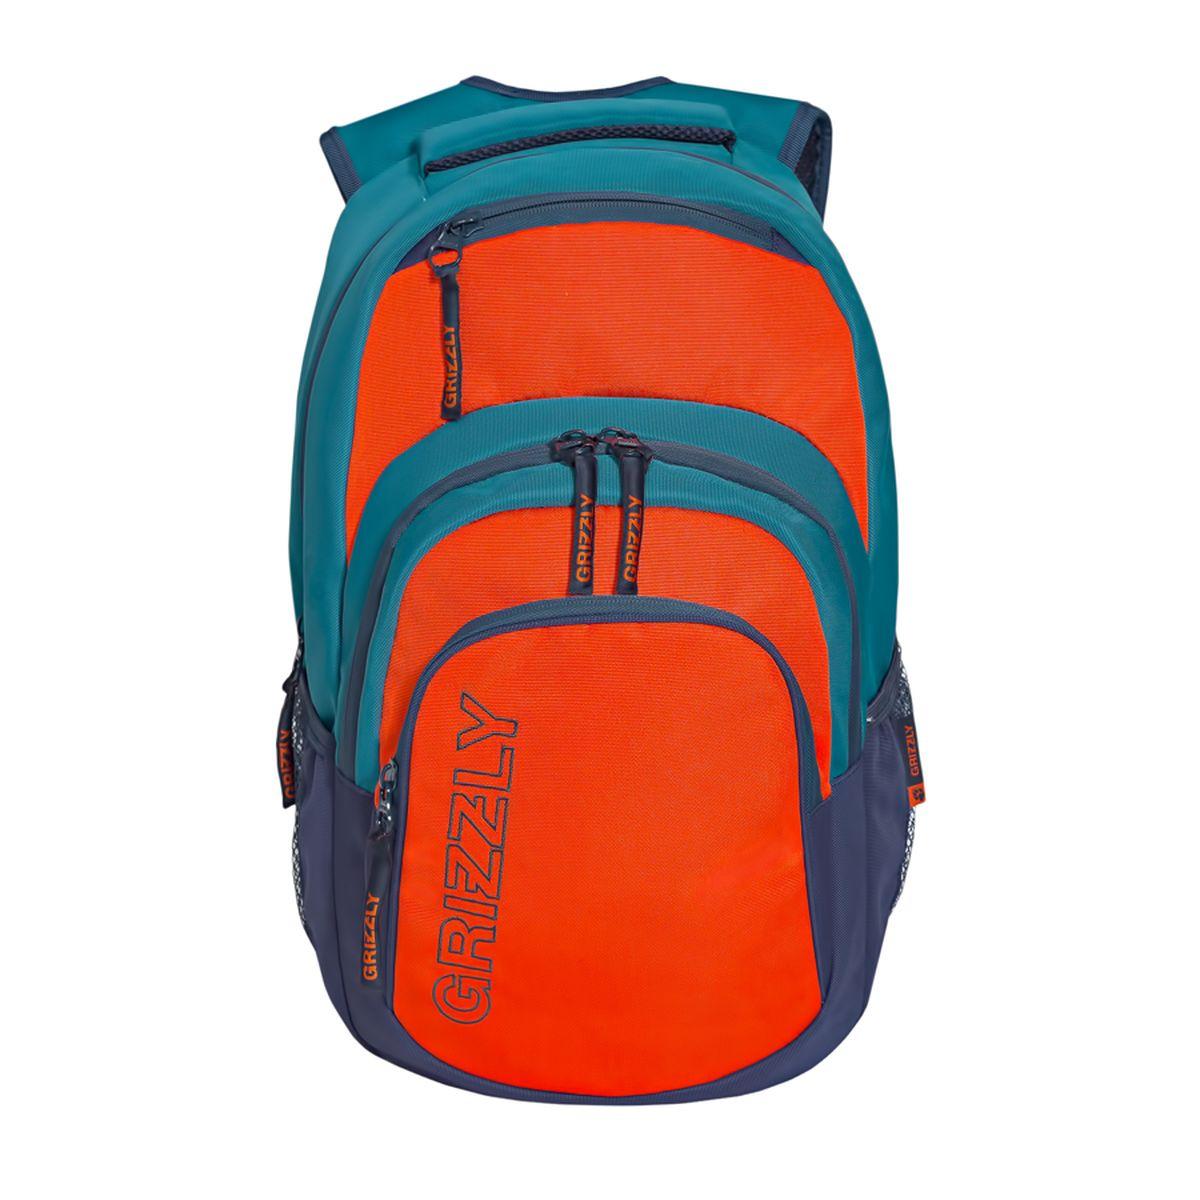 Рюкзак городской Grizzly, цвет: бирюзовый, оранжевый. 32 л. RU-704-1/4Костюм Охотник-Штурм: куртка, брюкиРюкзак городской Grizzl выполнен из высококачественного таслана. Рюкзак имеет ручку-петлю для подвешивания и две укрепленные лямки, длина которых регулируется с помощью пряжек. Модель имеет одно основное отделение, которое дополнено внутренним составным пеналом-органайзером и укрепленным карманом для ноутбука. Передняя сторона оснащена двумя объемными карманами на молнии и верхним кармашком быстрого доступа.Боковые стенки дополнены объемными карманами из сетки. Тыльная сторона рюкзака имеет укрепленную спинку и нагрудную стяжку-фиксатор.